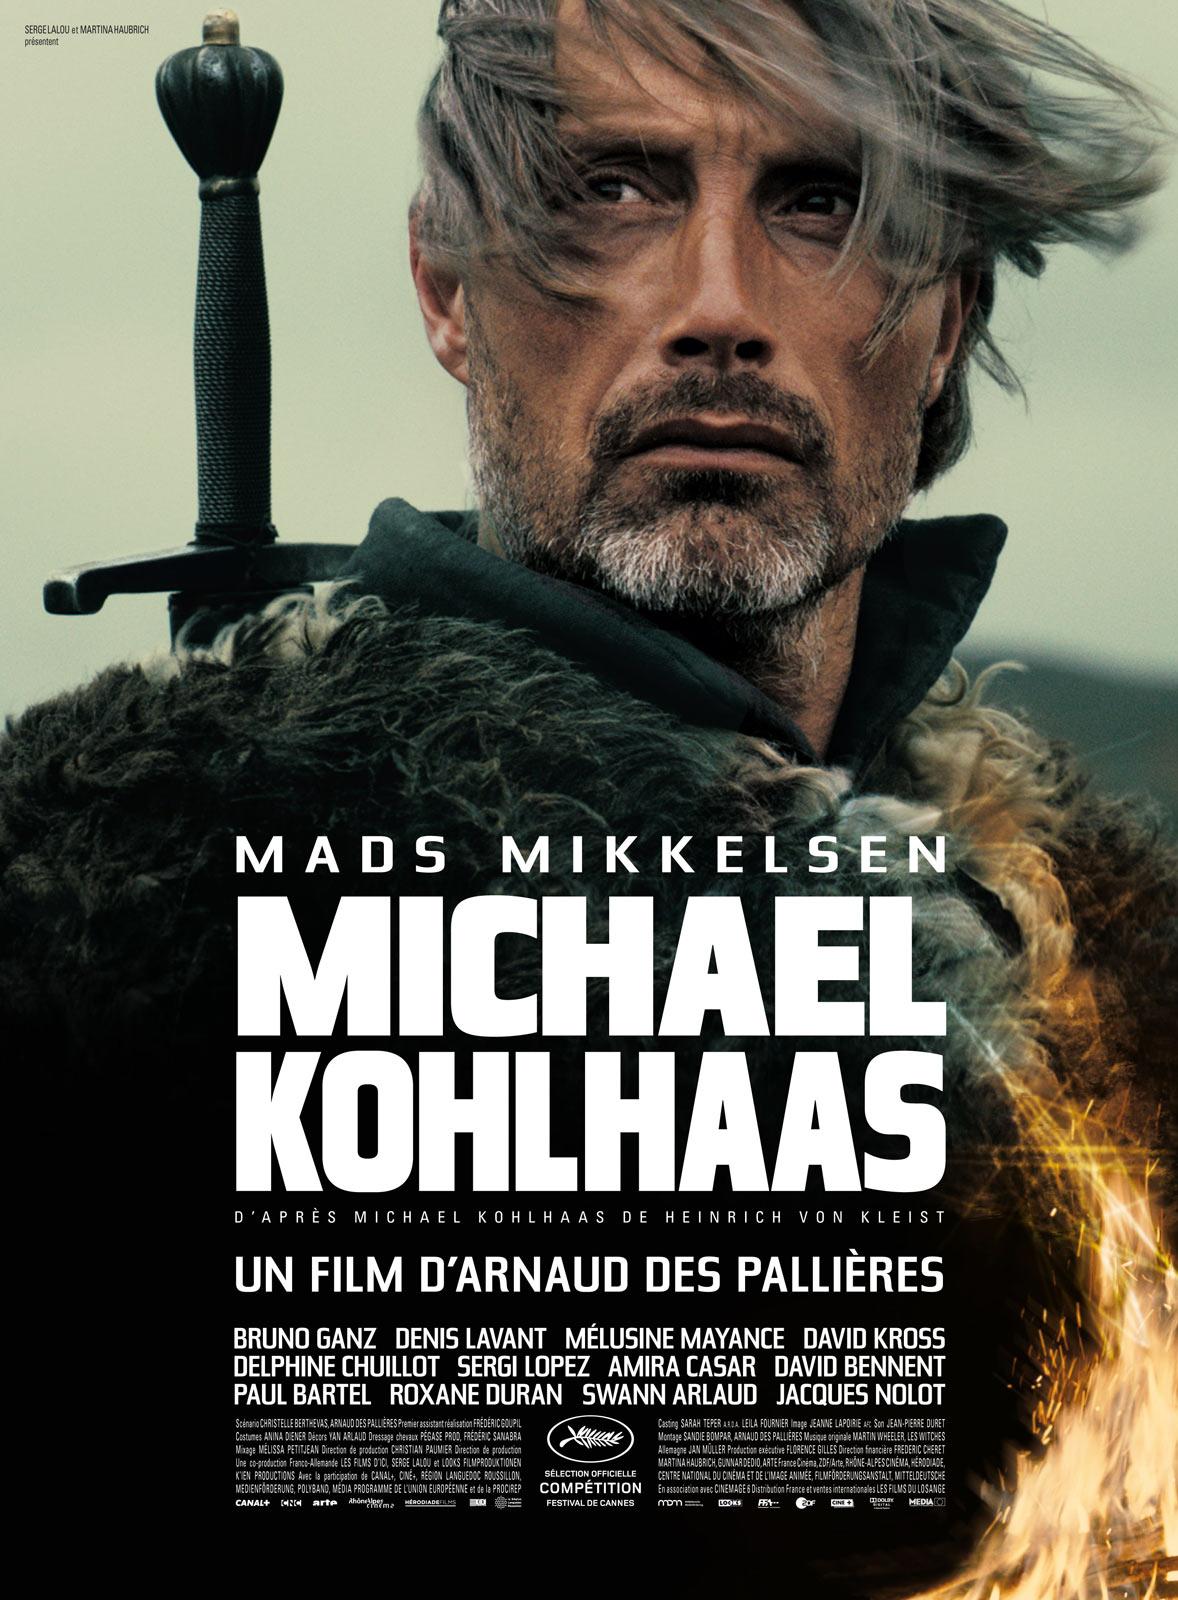 Michael Kohlaas